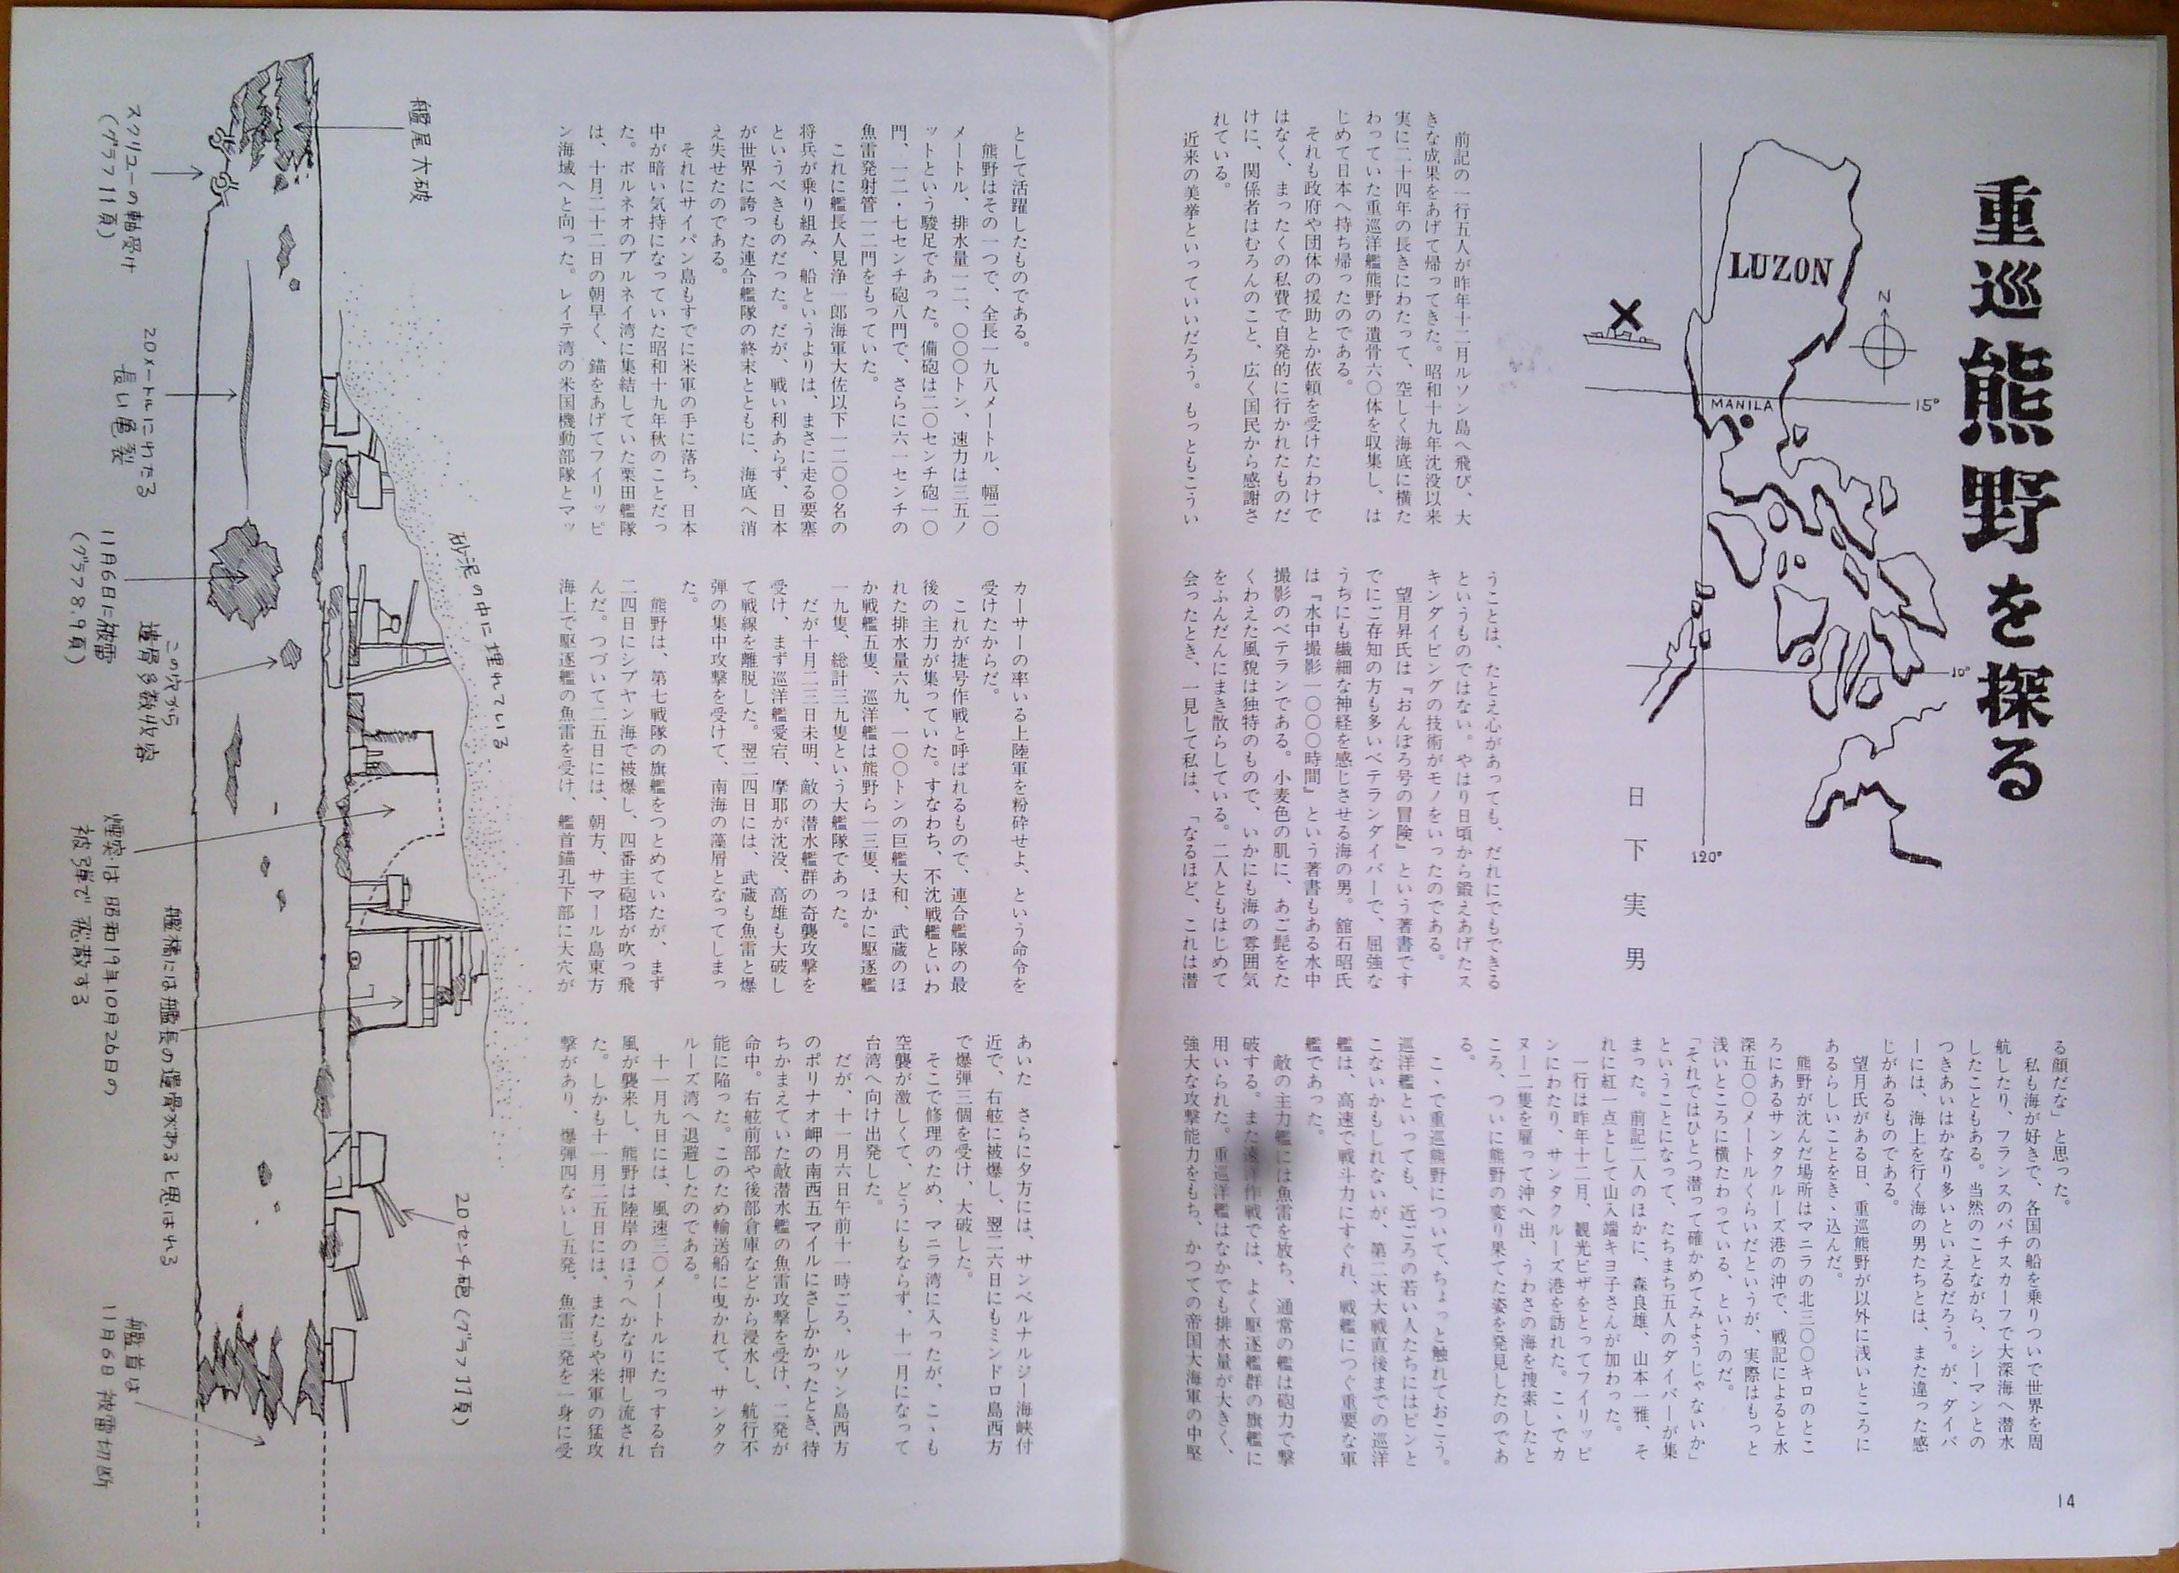 0323  ダイビングの歴史56  マリンダイビング創刊1969_b0075059_14221799.jpg